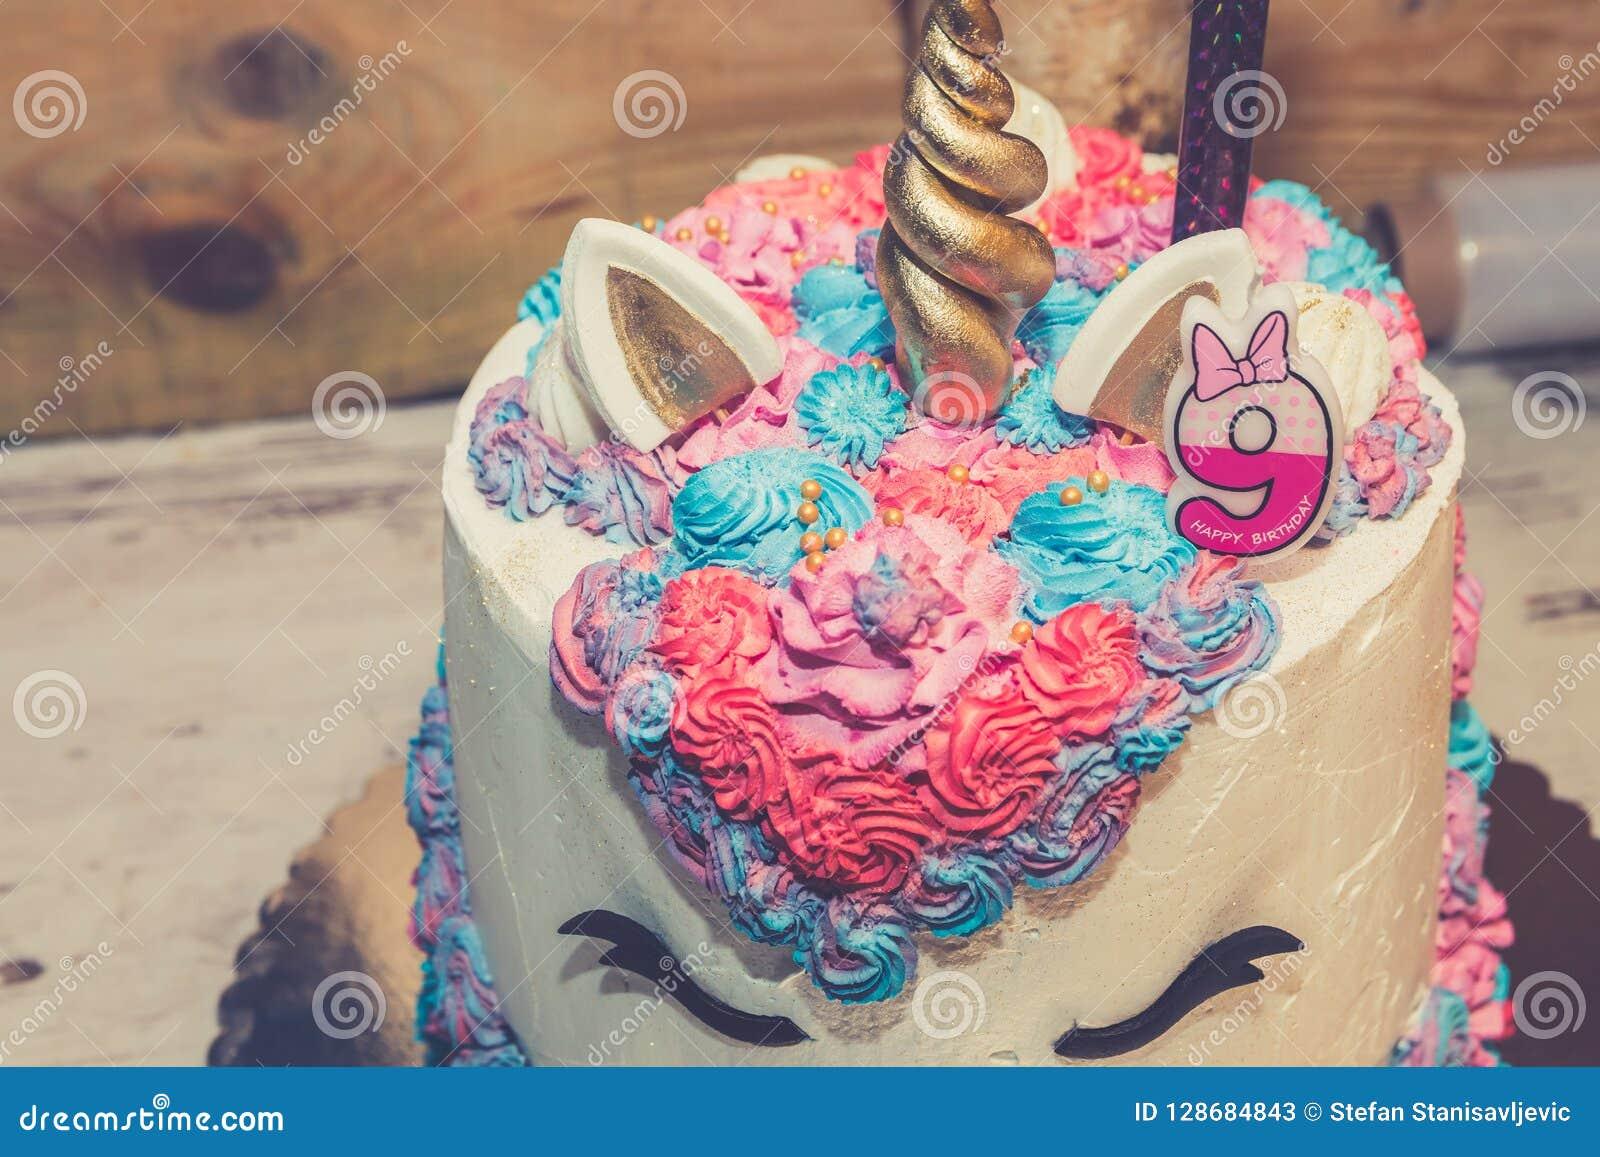 Unicorn birthday cake stock image. Image of eyes, girls - 128684843